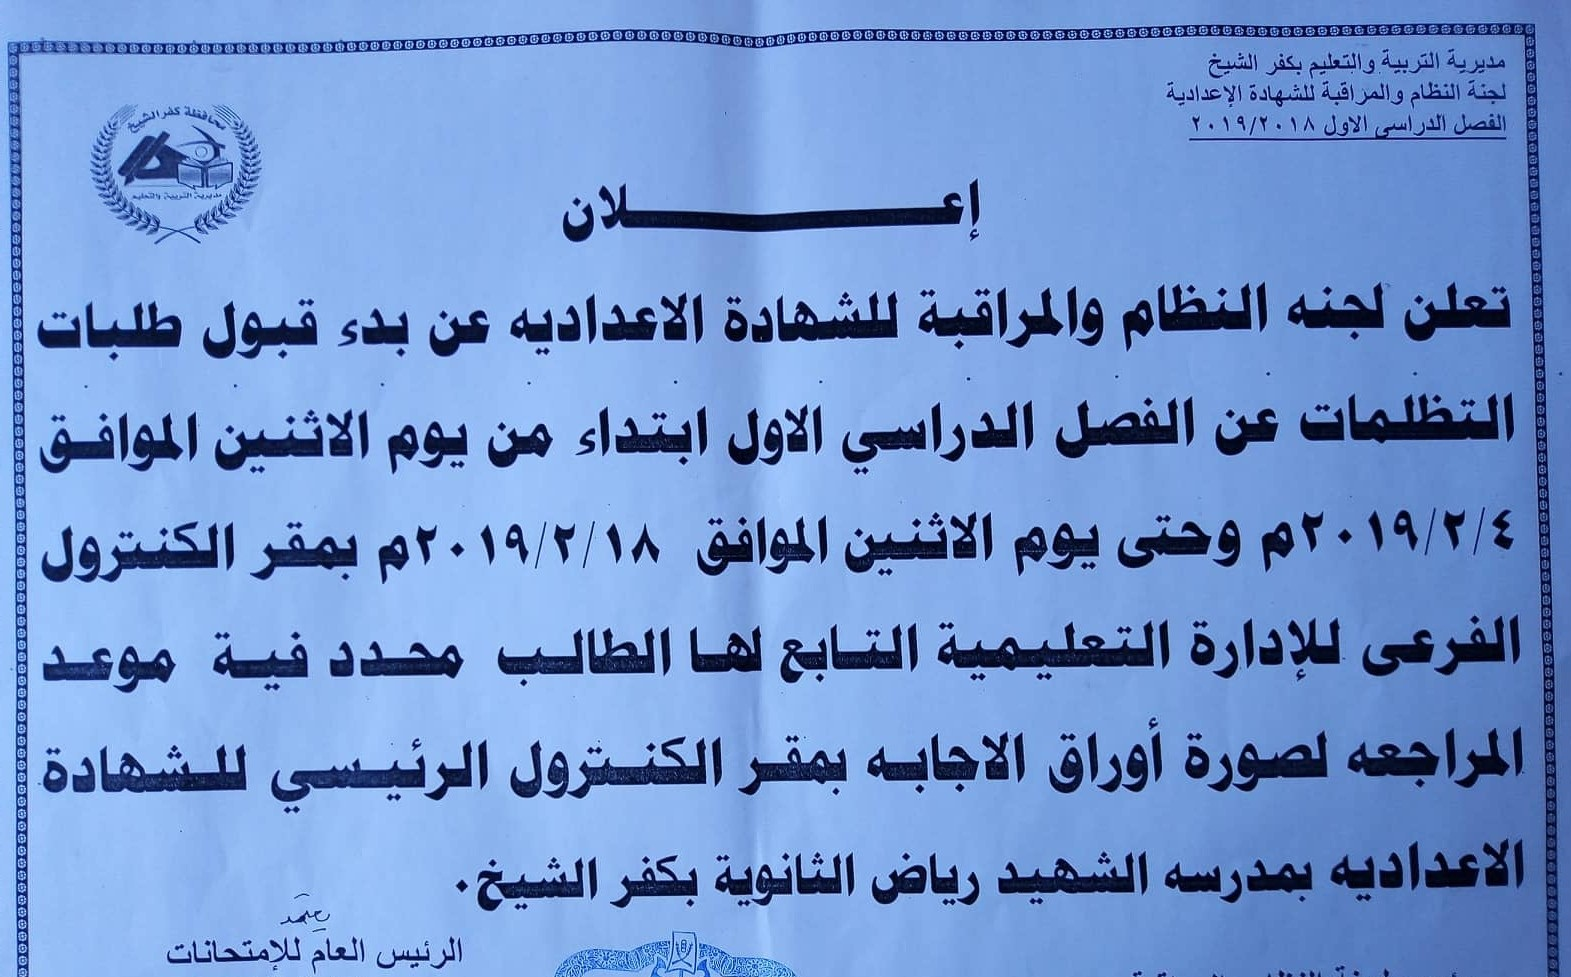 1- الاعلان عن بدء تلقي طلبات التظلمات